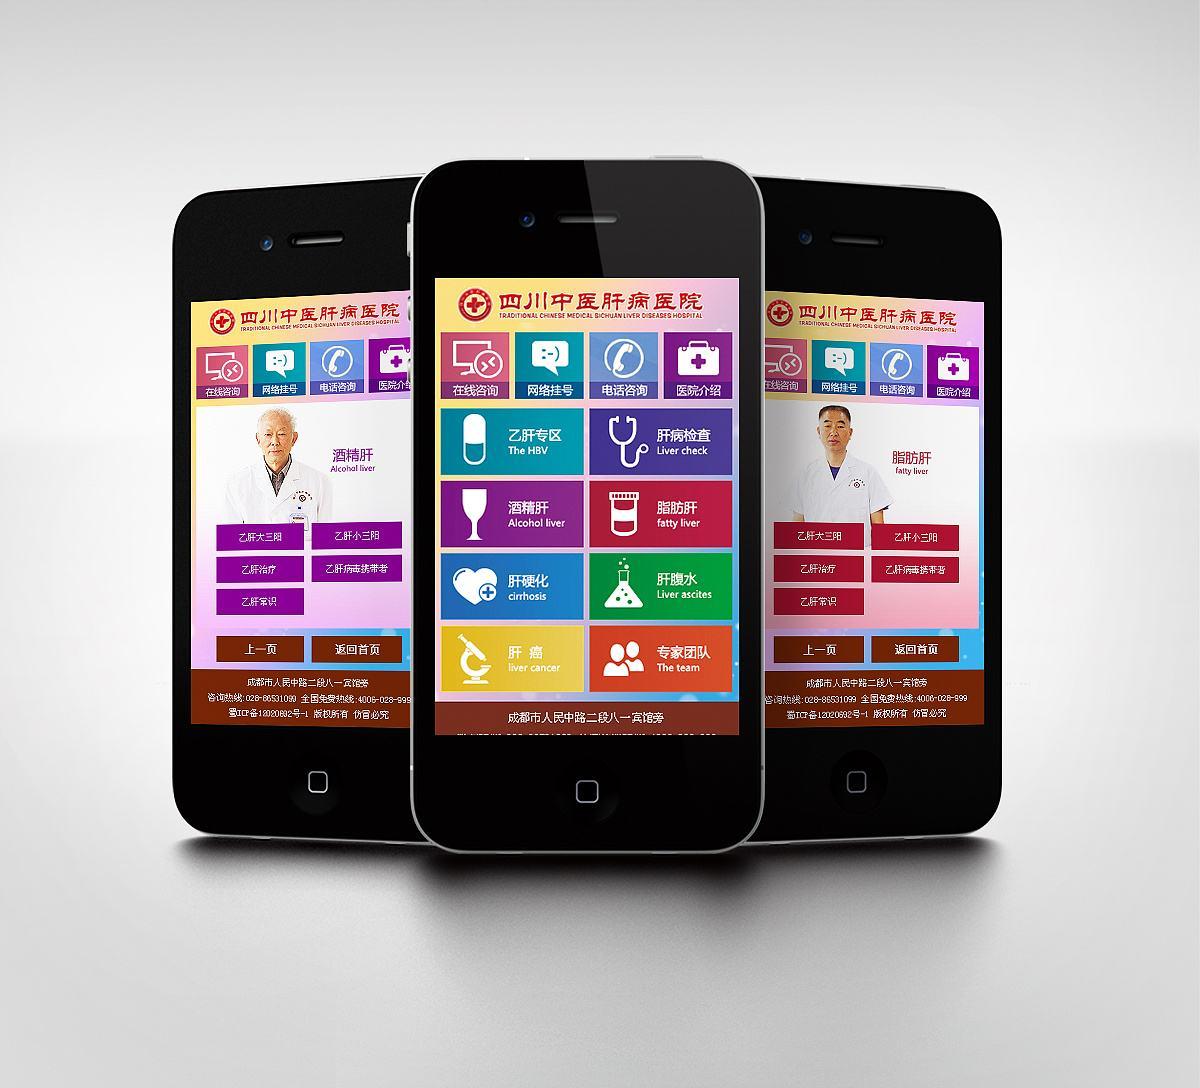 秦皇岛手机网站建设的流程和注意事项